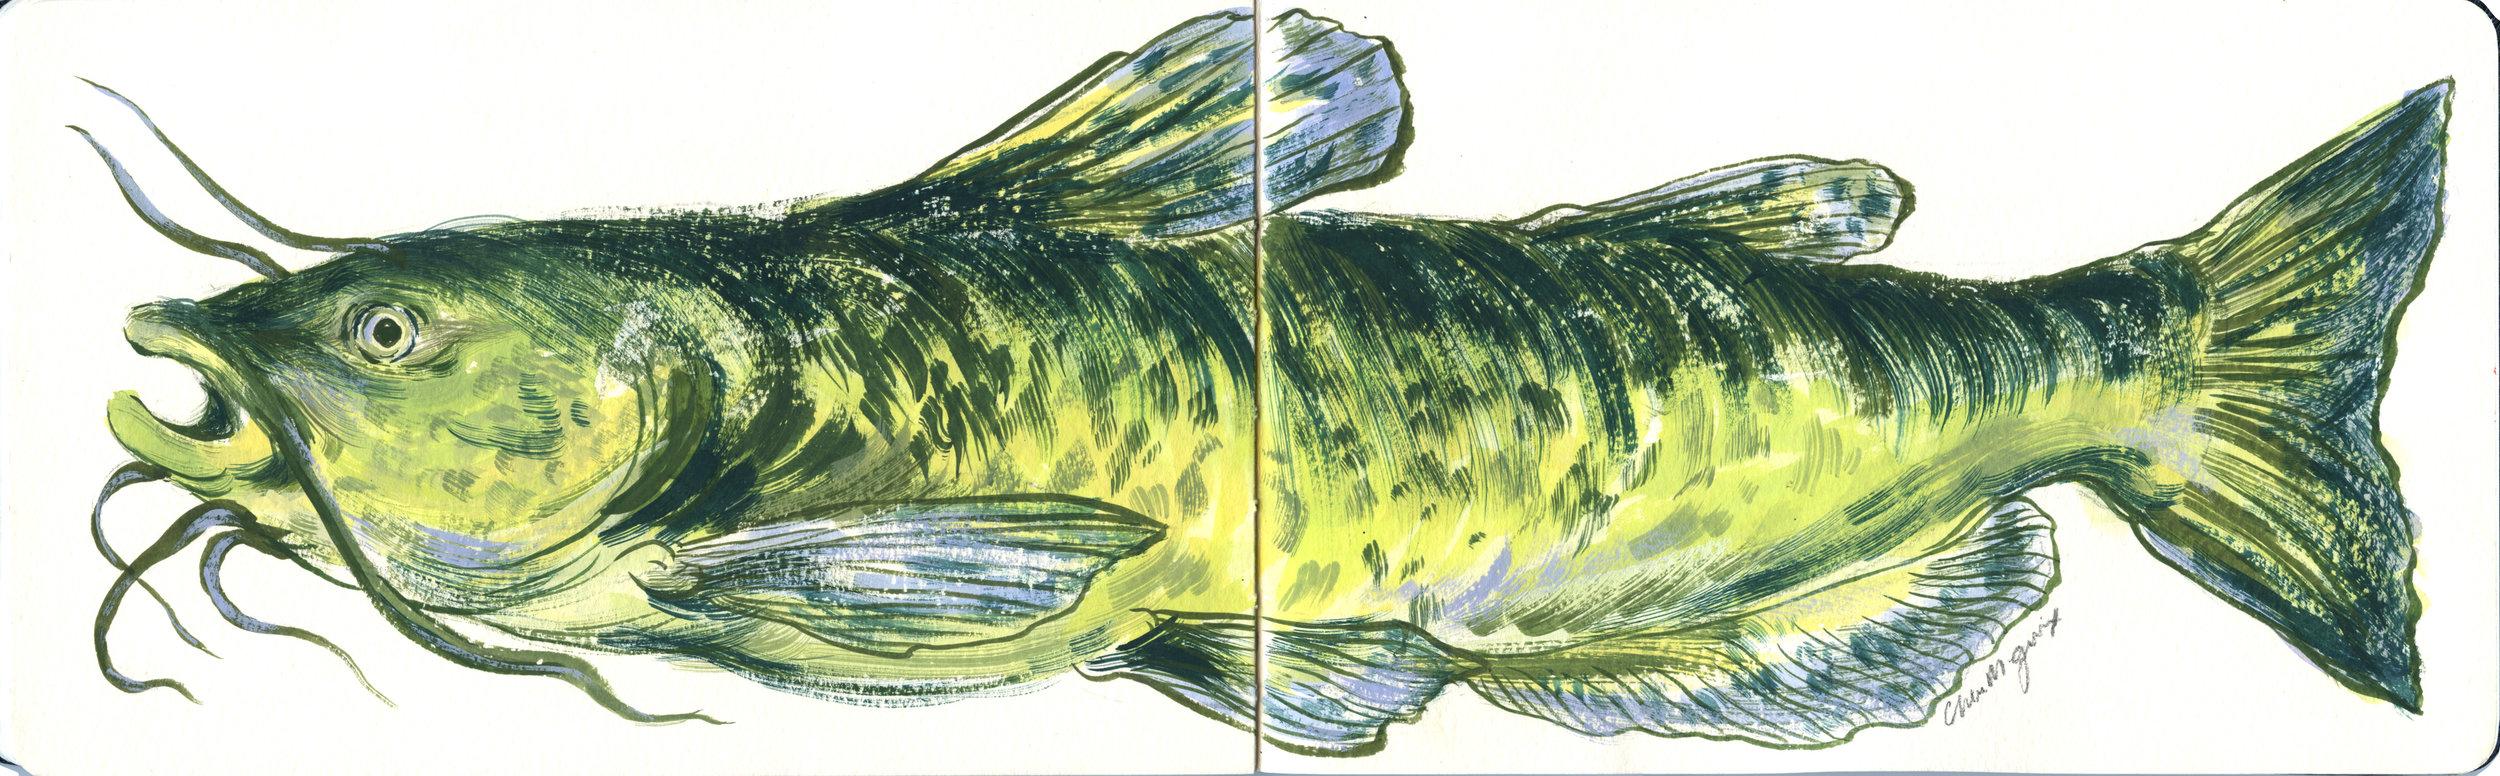 sketchbook-fish_july-for-web.jpg